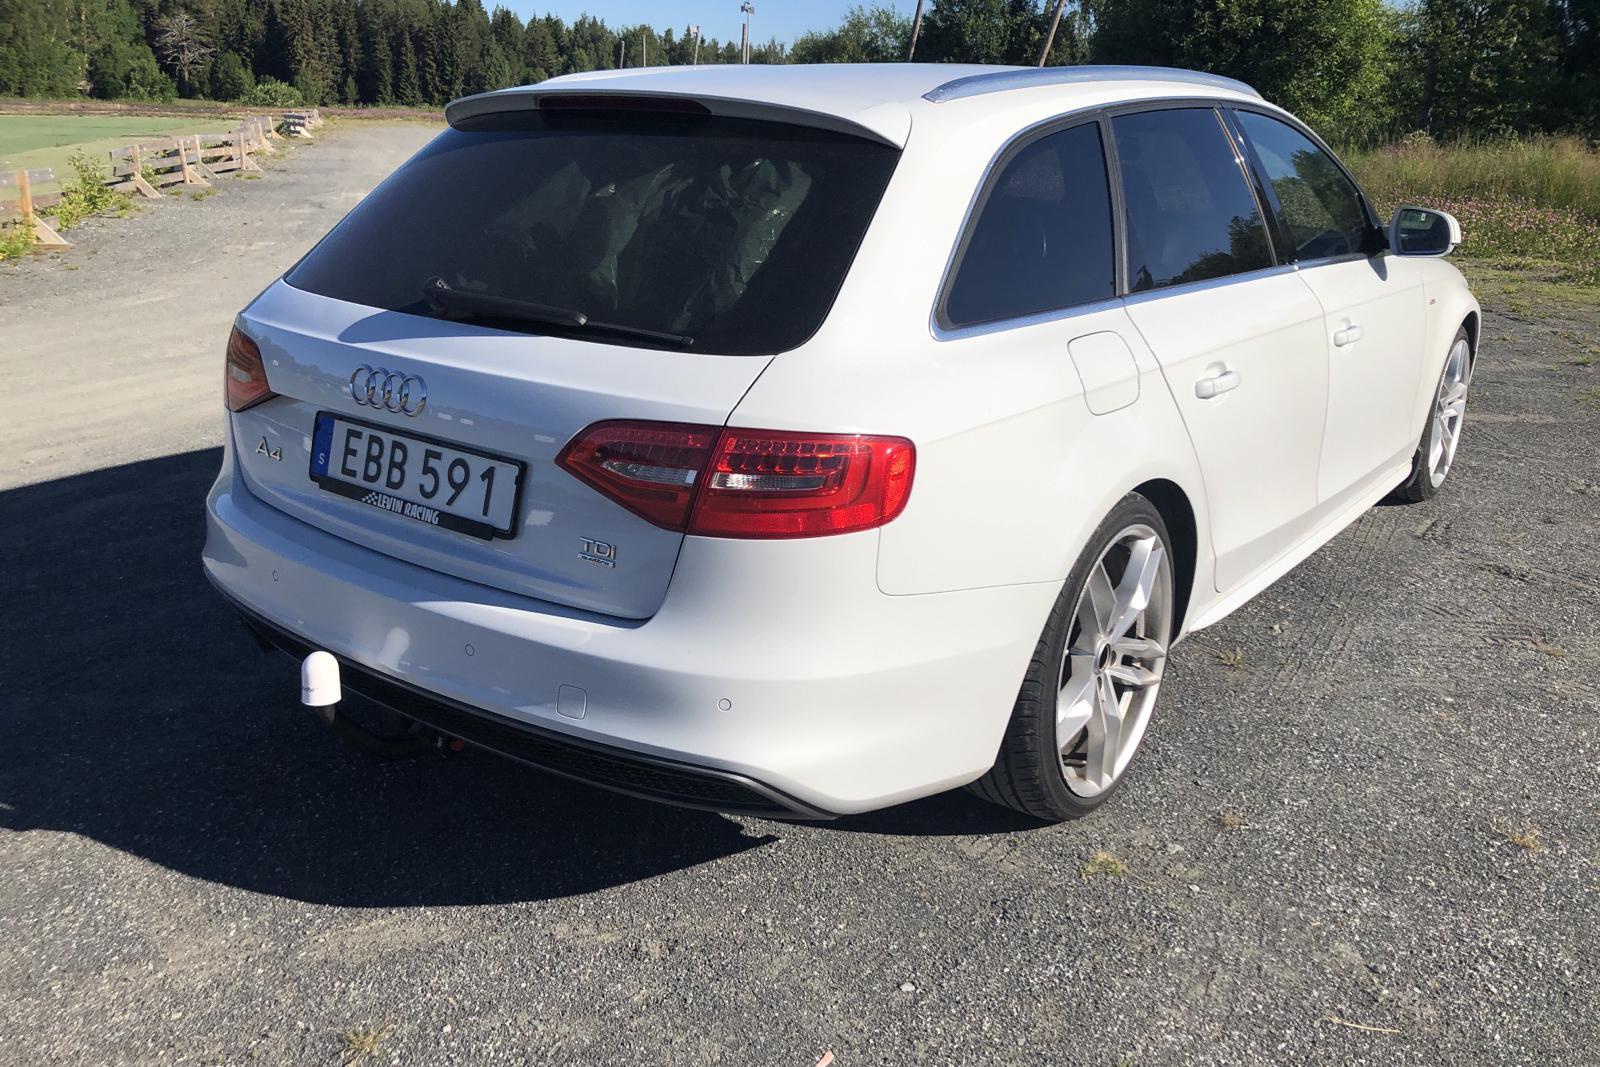 Audi A4 2.0 TDI Avant quattro (177hk) - 14 644 mil - Automat - vit - 2014